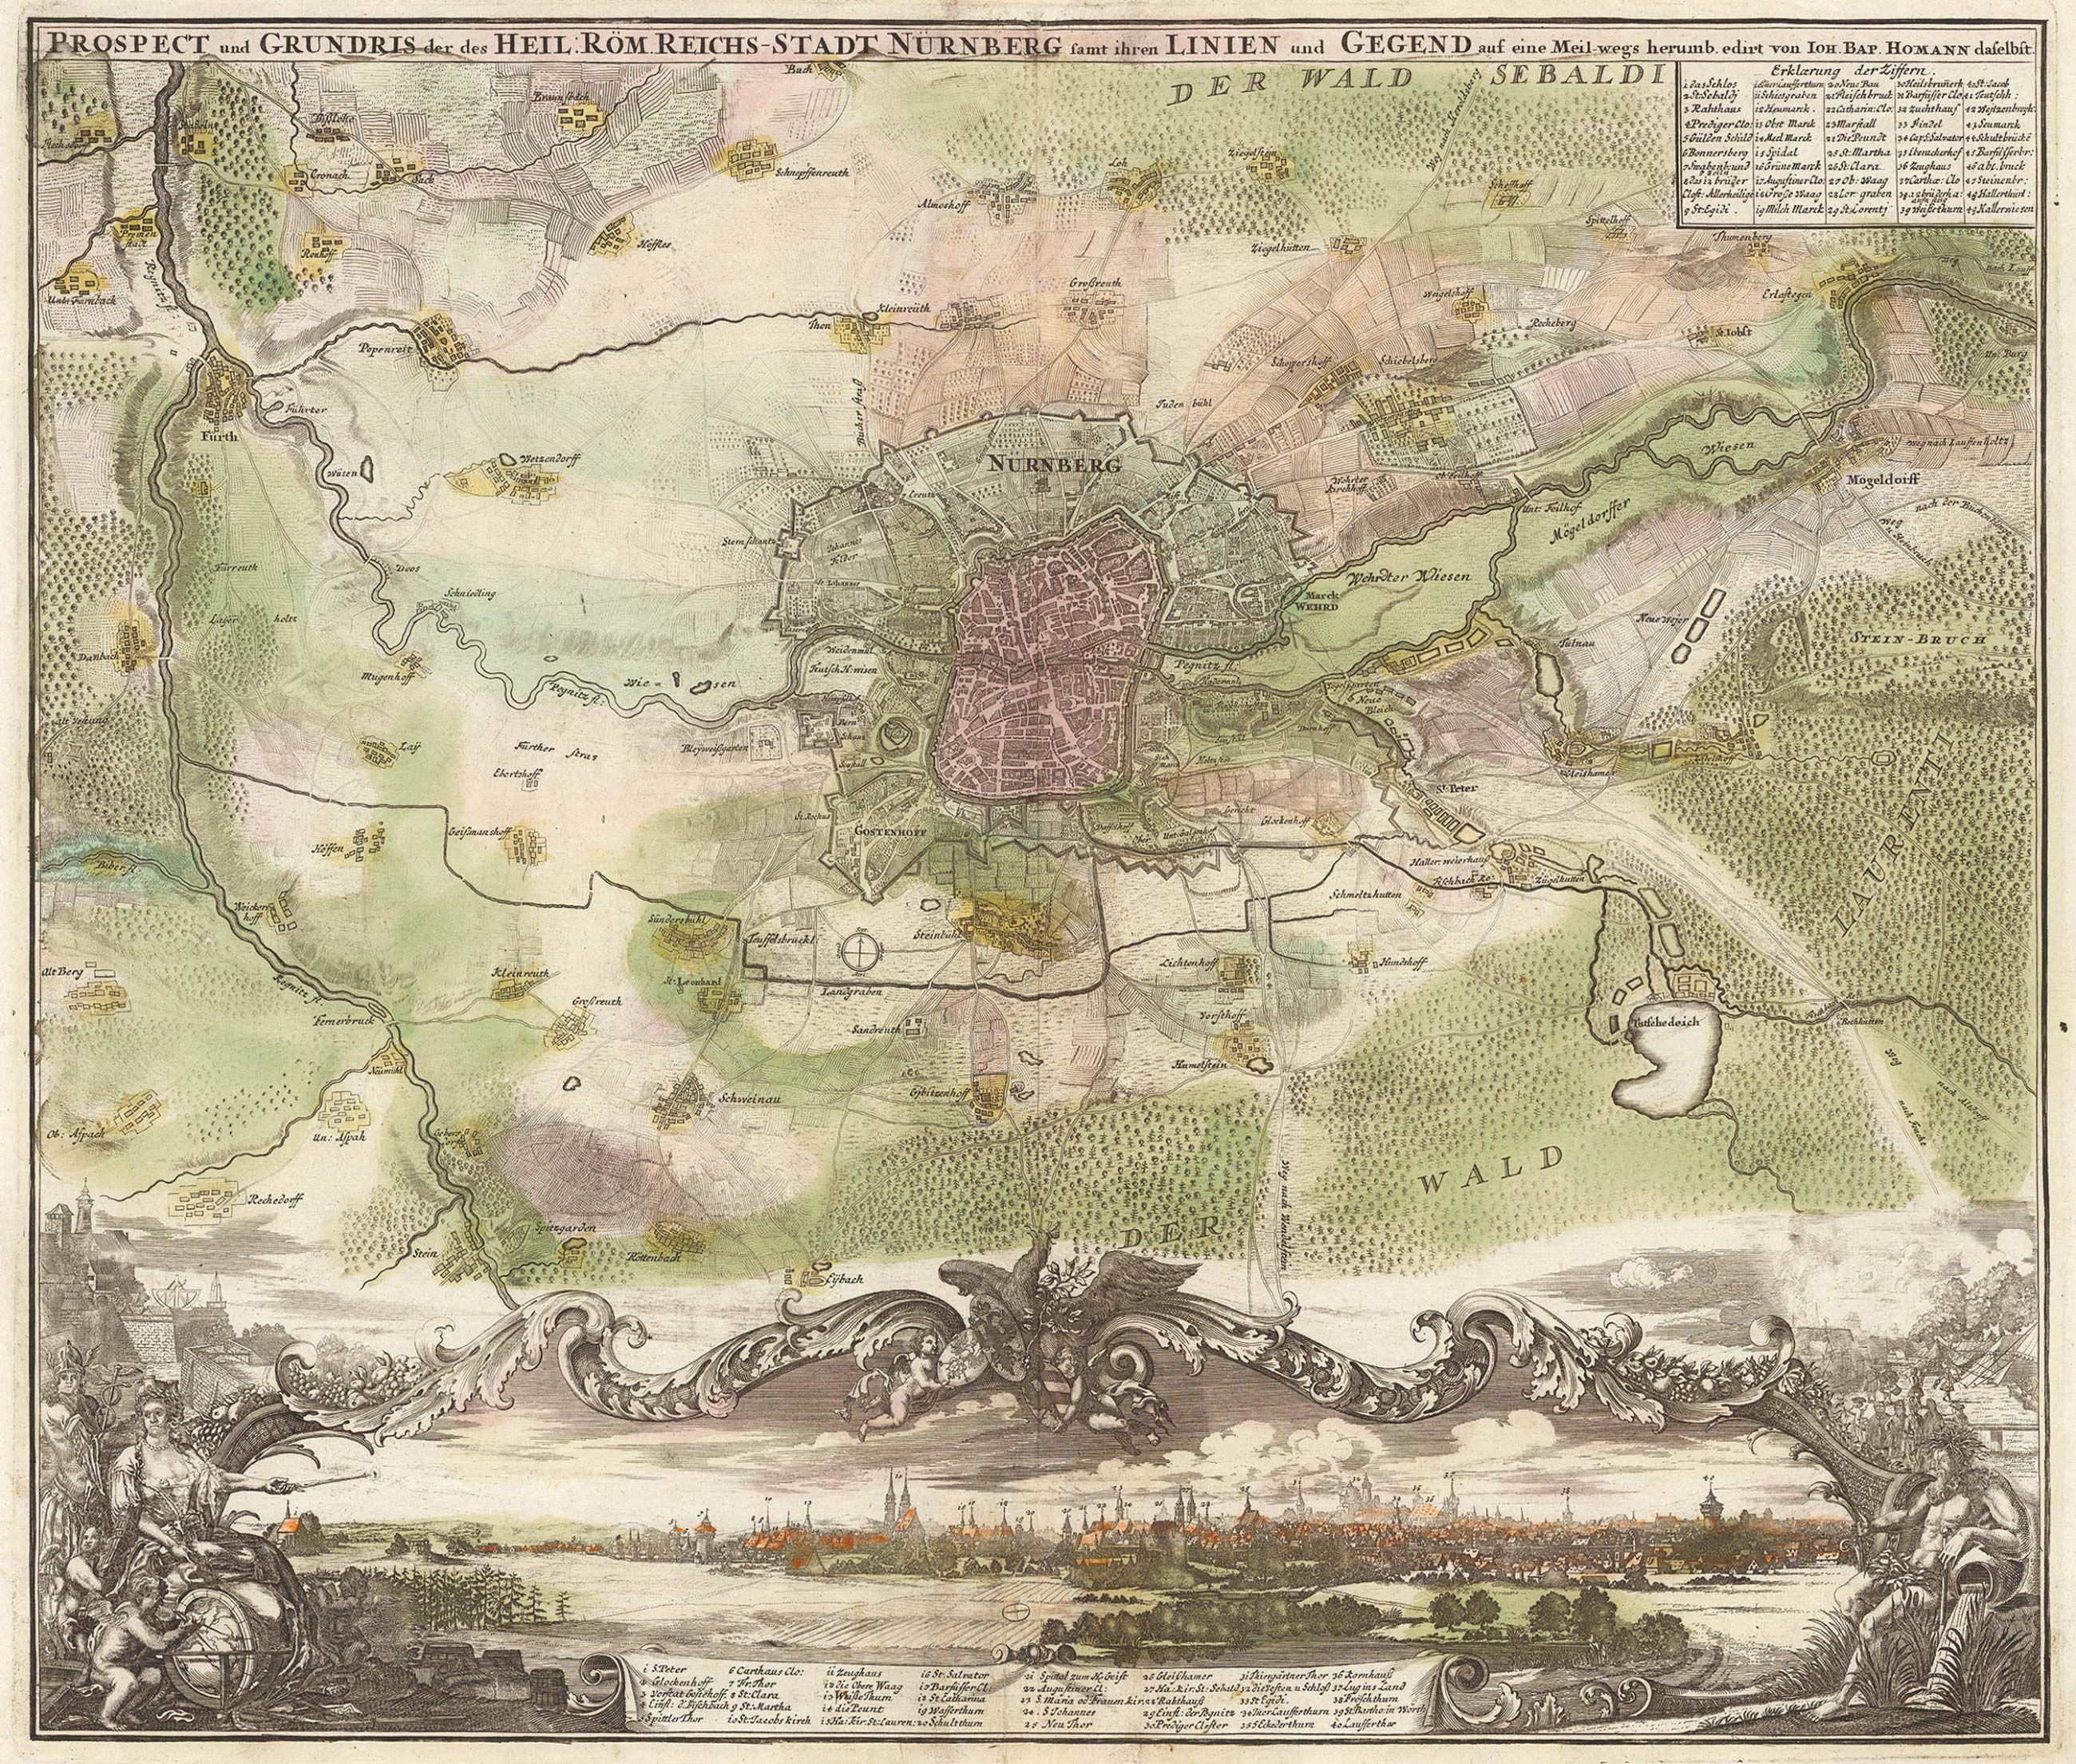 Fonte: J.B. Homann, Prospect und Grundis des Heil: Röm. Reichs-Stadt Nürnberg, Norimberga 1719, Homann (David Rumsey).